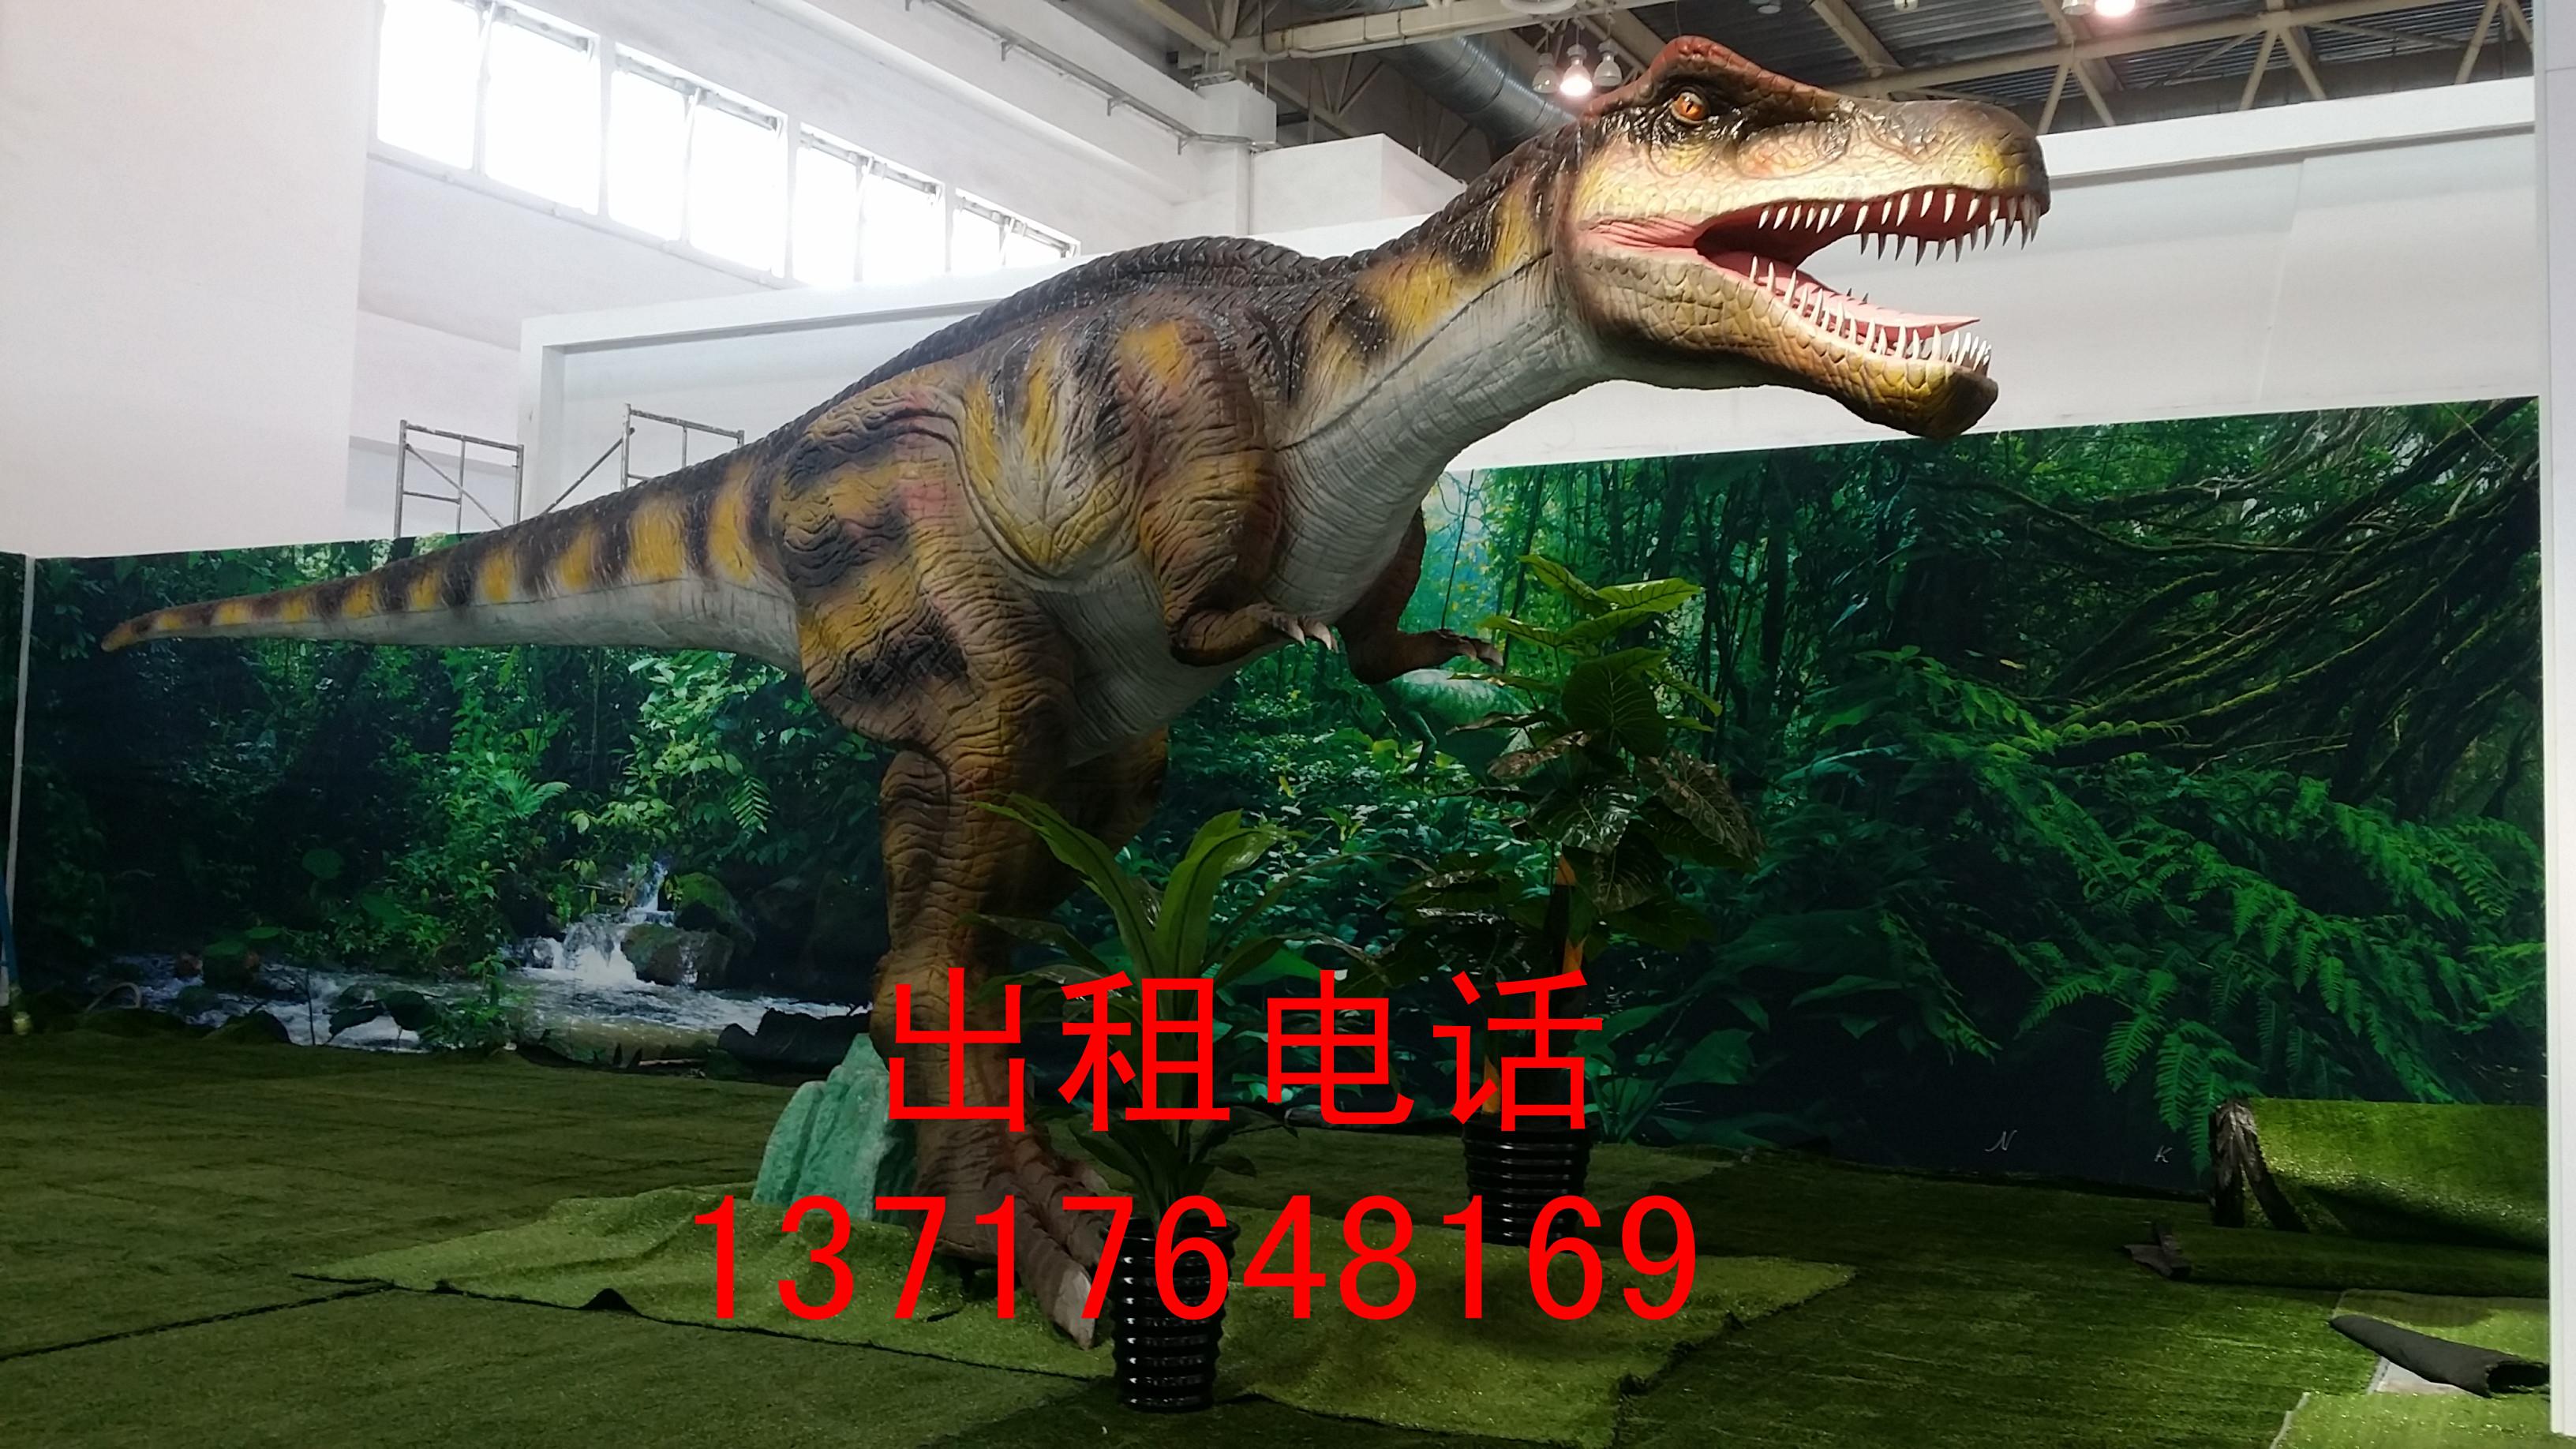 恐龙润滑油图片